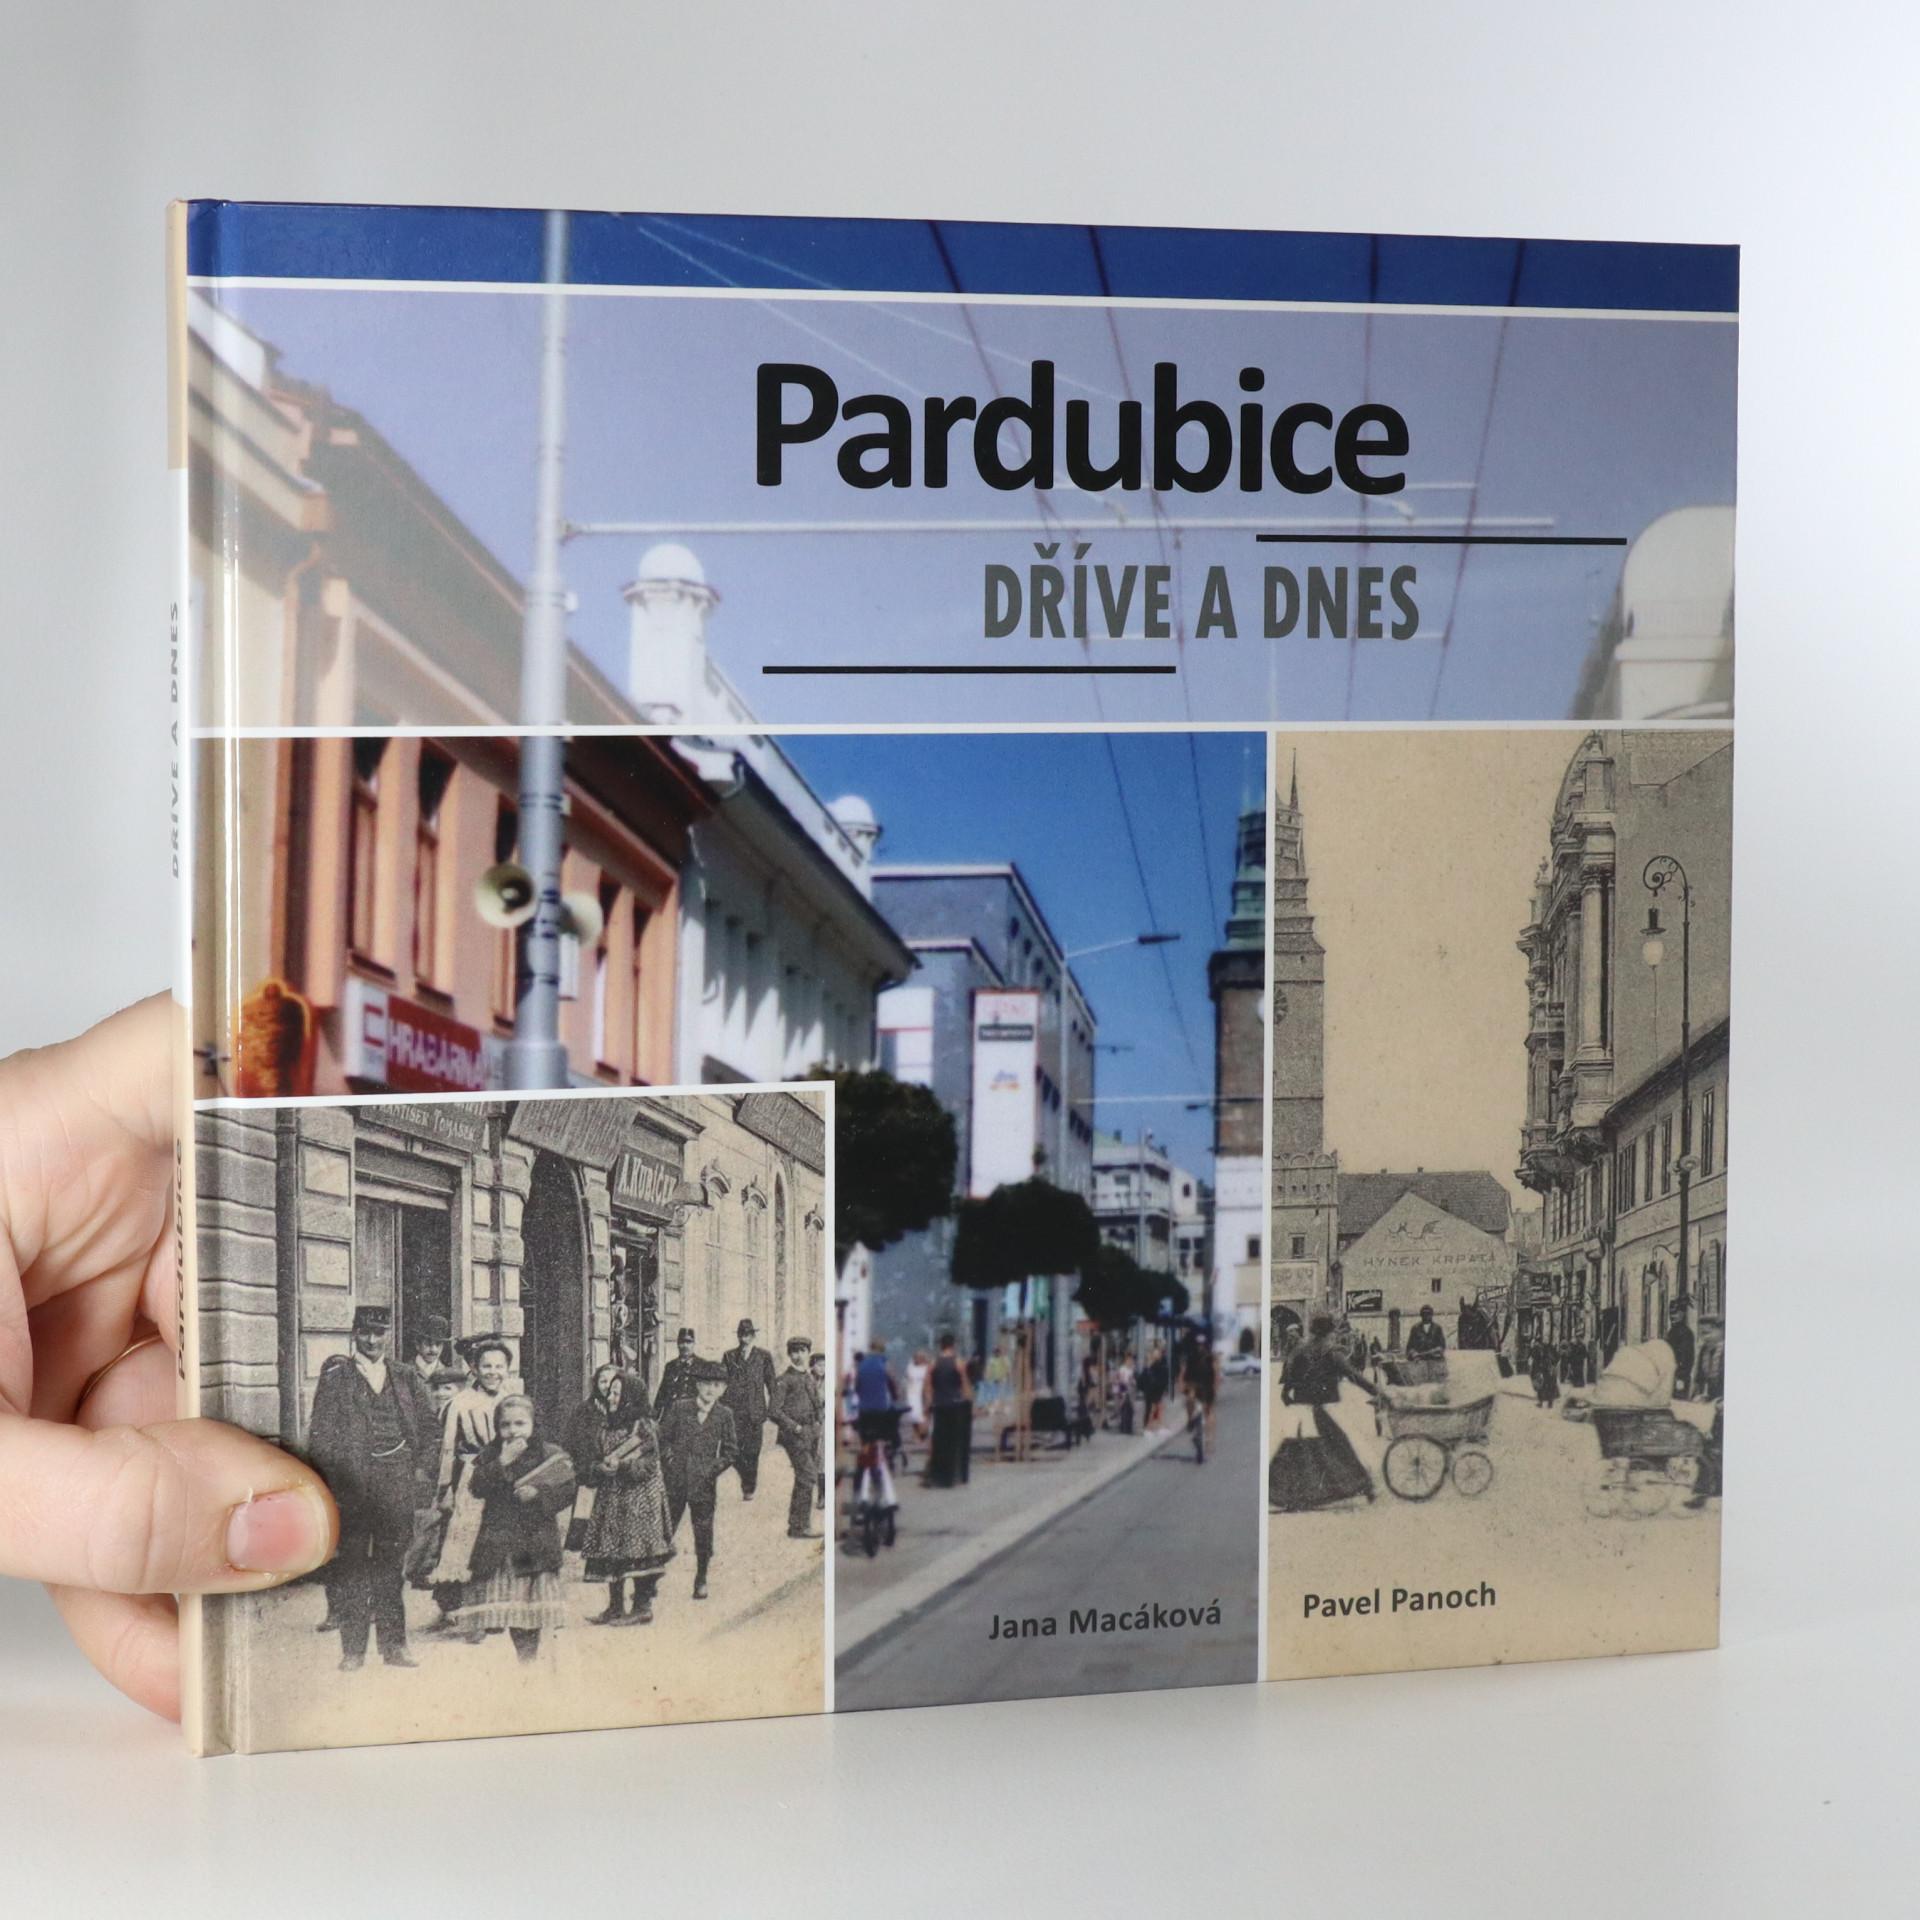 antikvární kniha Pardubice dříve a dnes, 2018